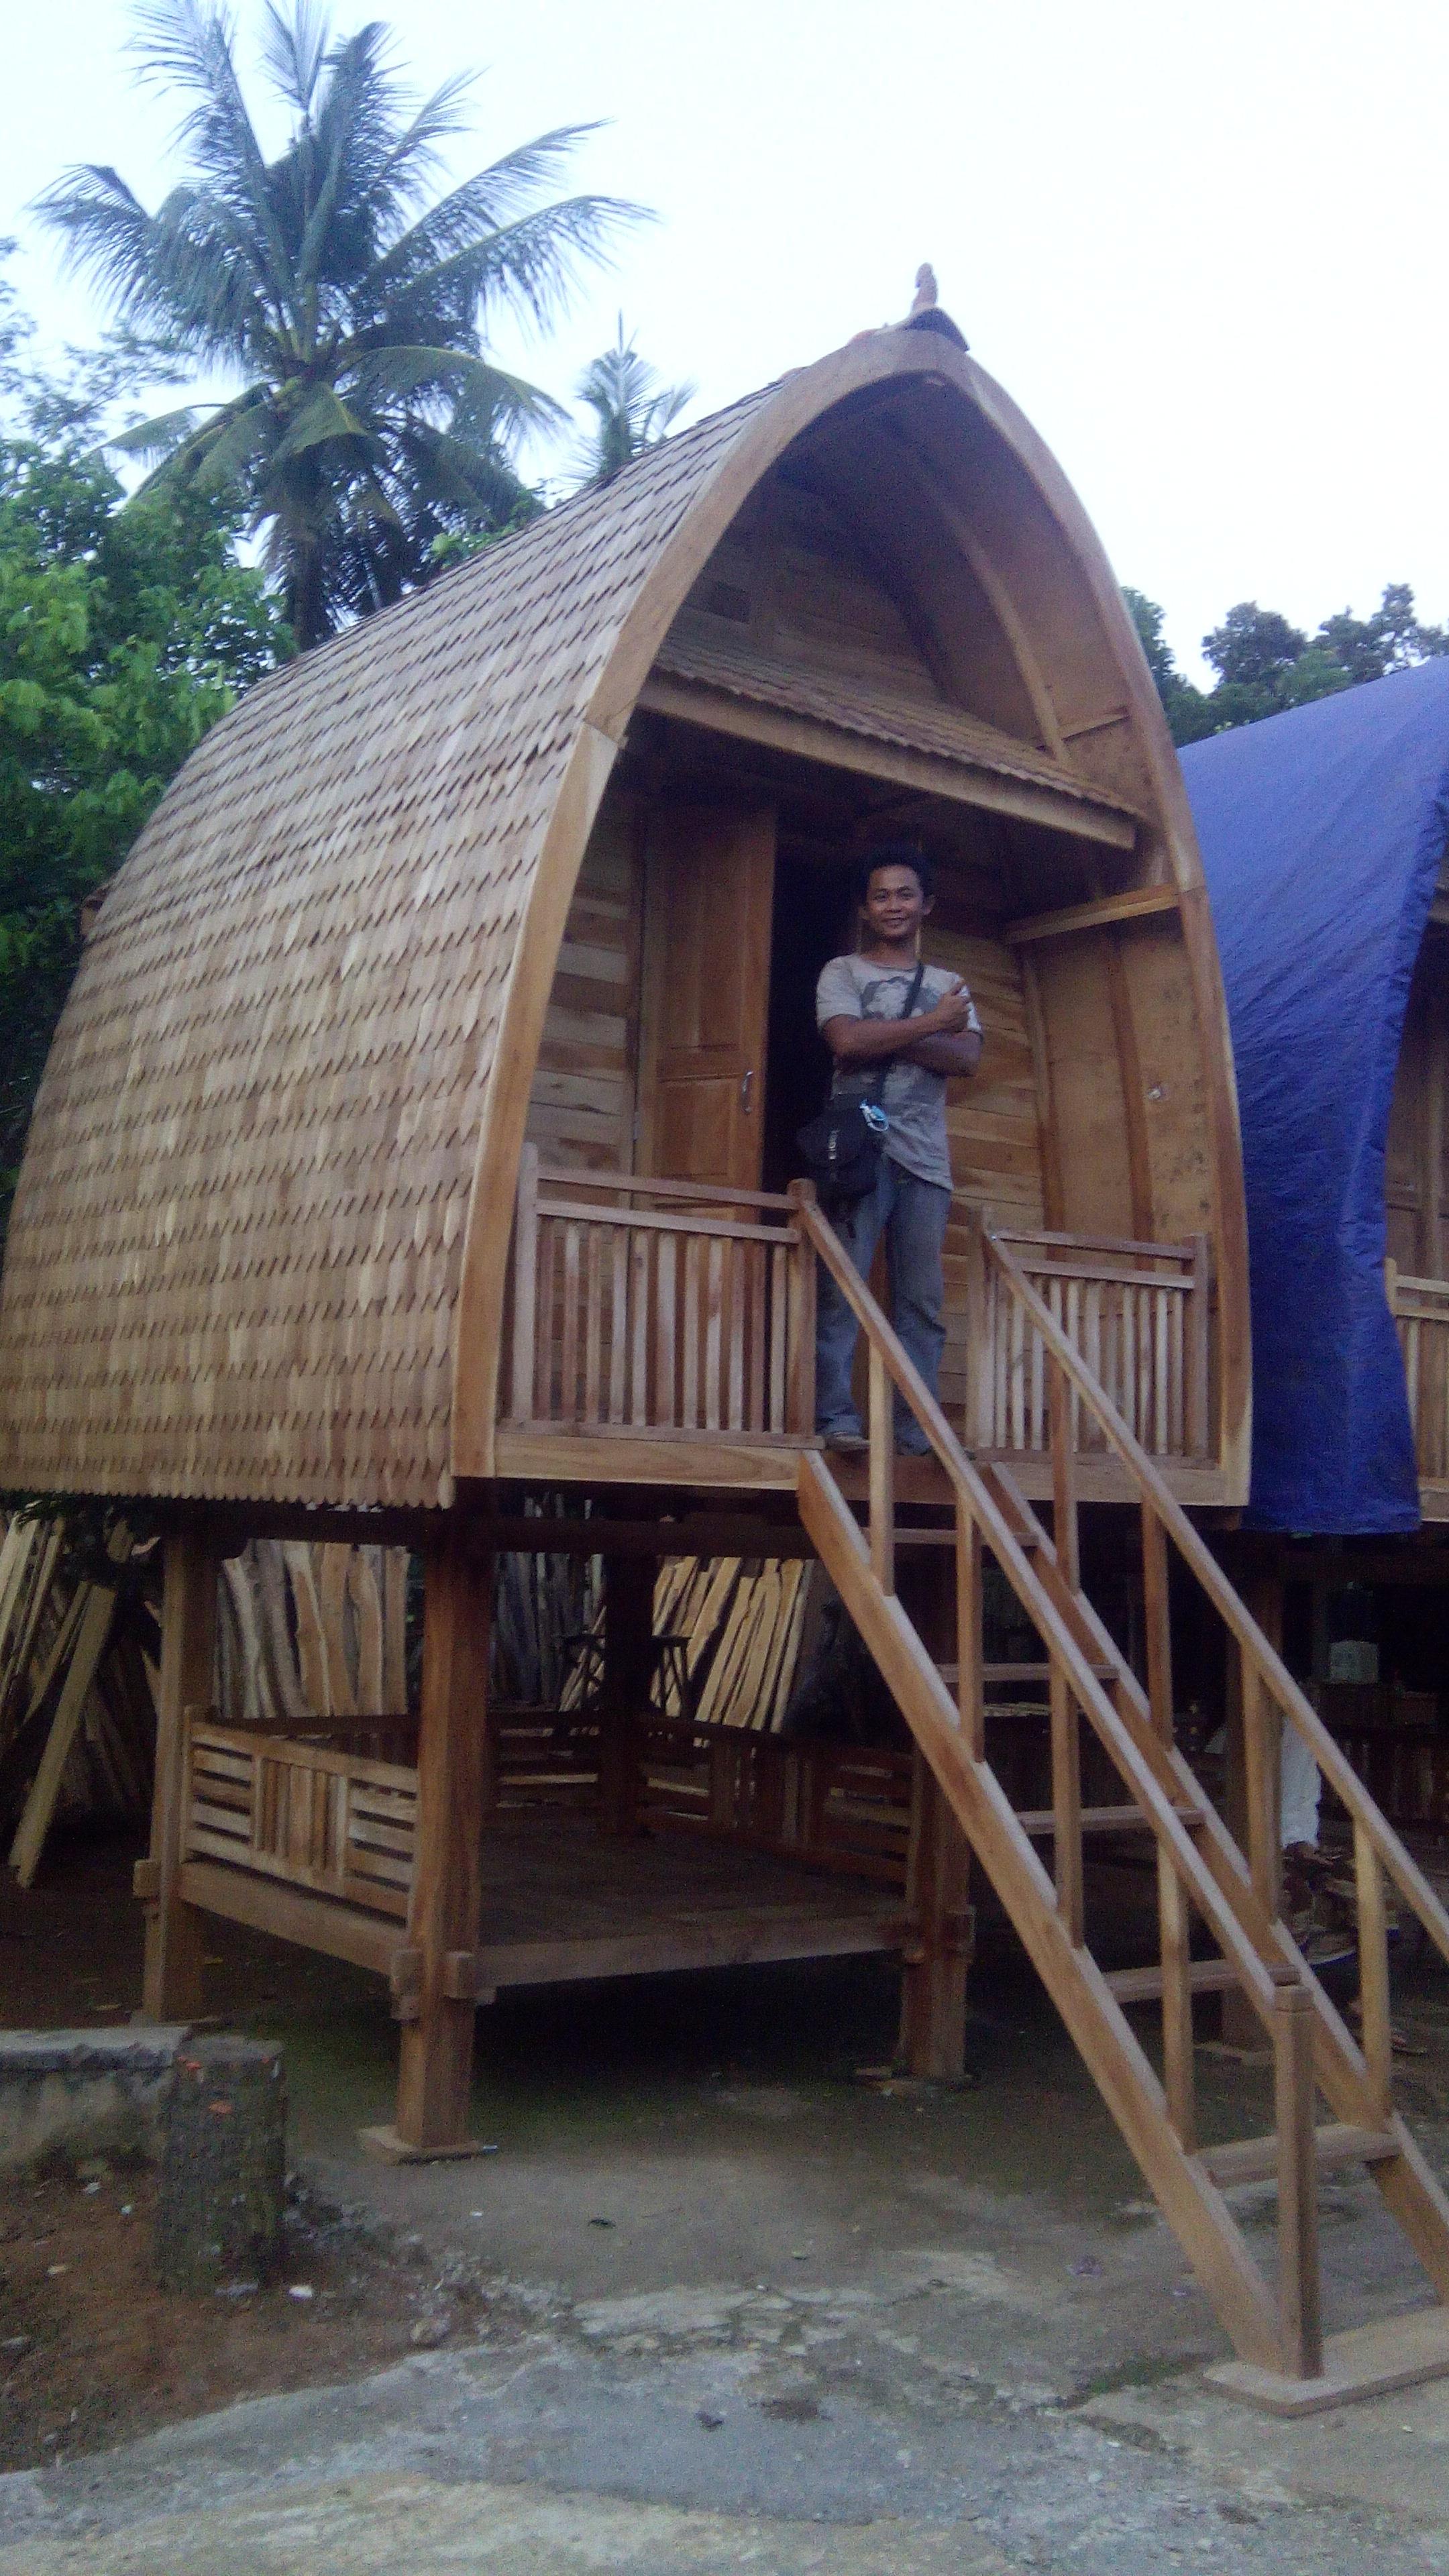 Jual Rumah Kayu Kecil Rumah Kayu Mini Rumah Kayu Murah